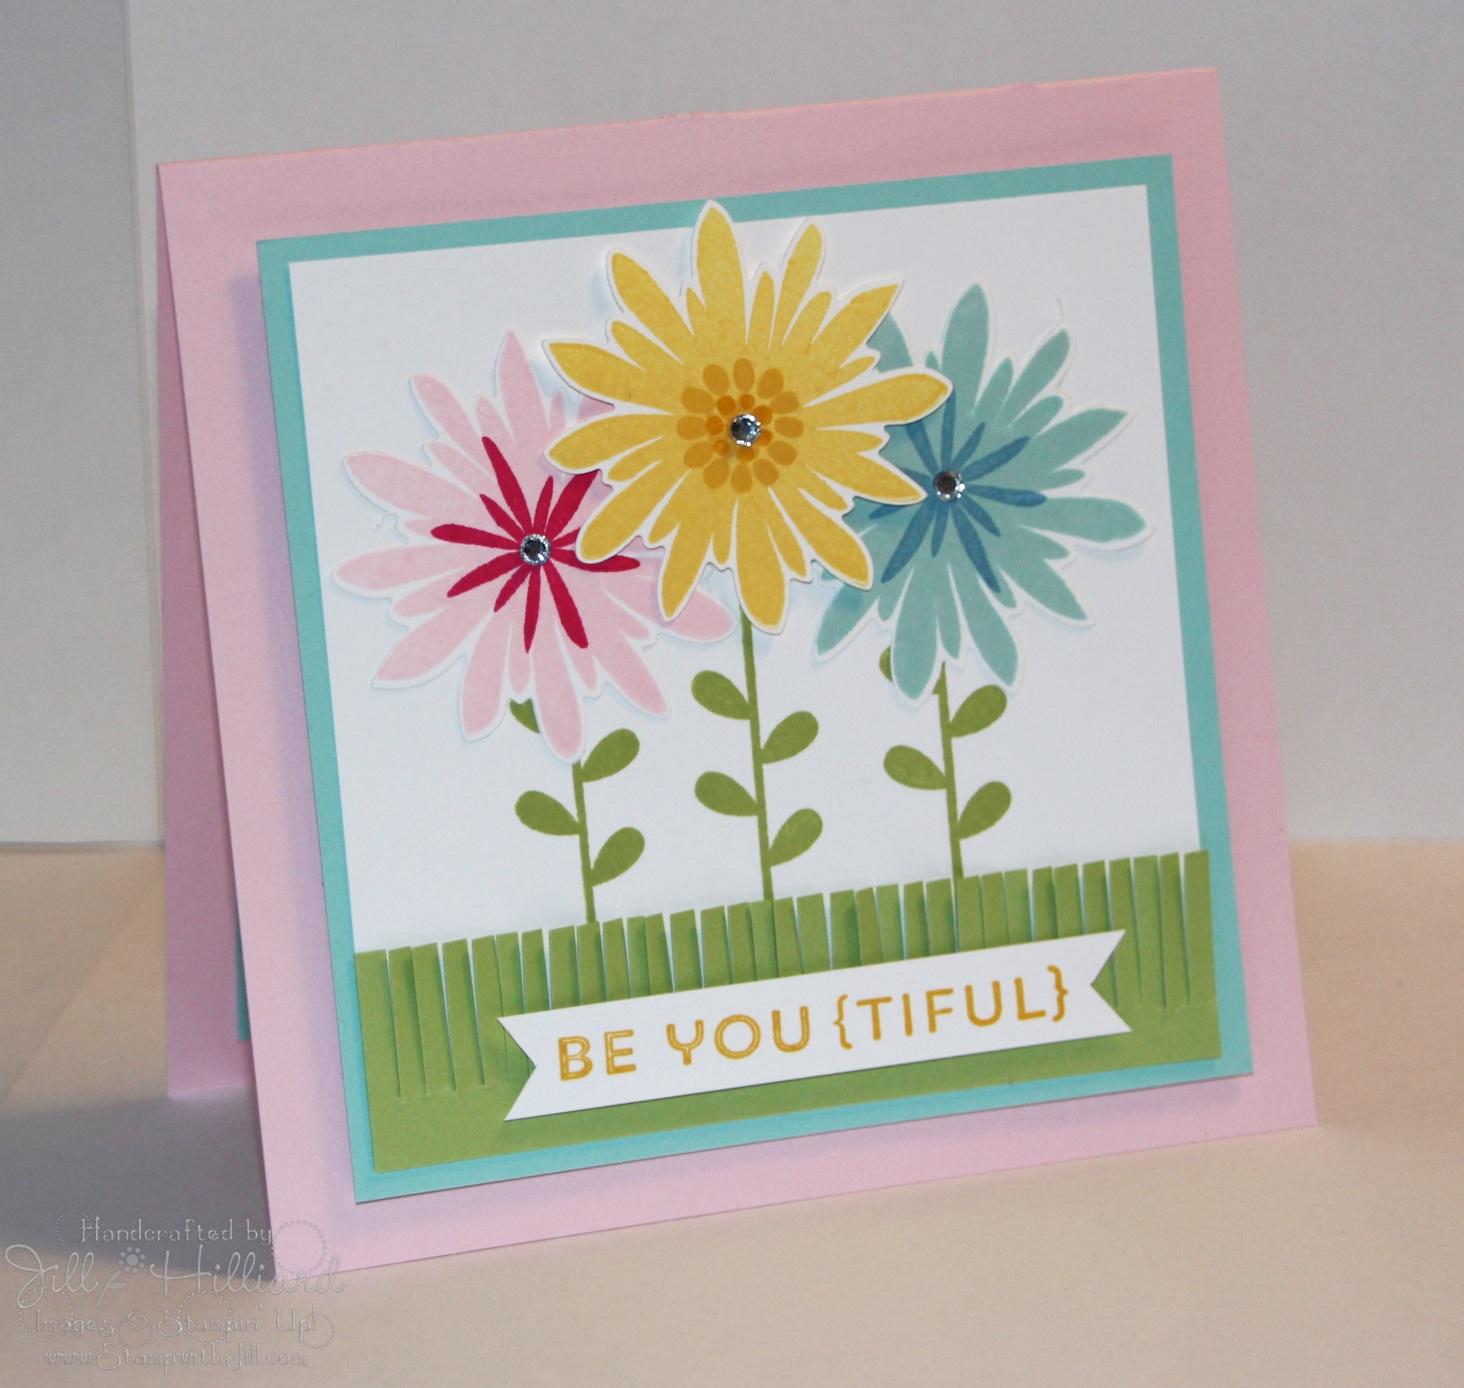 Jill s Card Creations Flower Patch fun